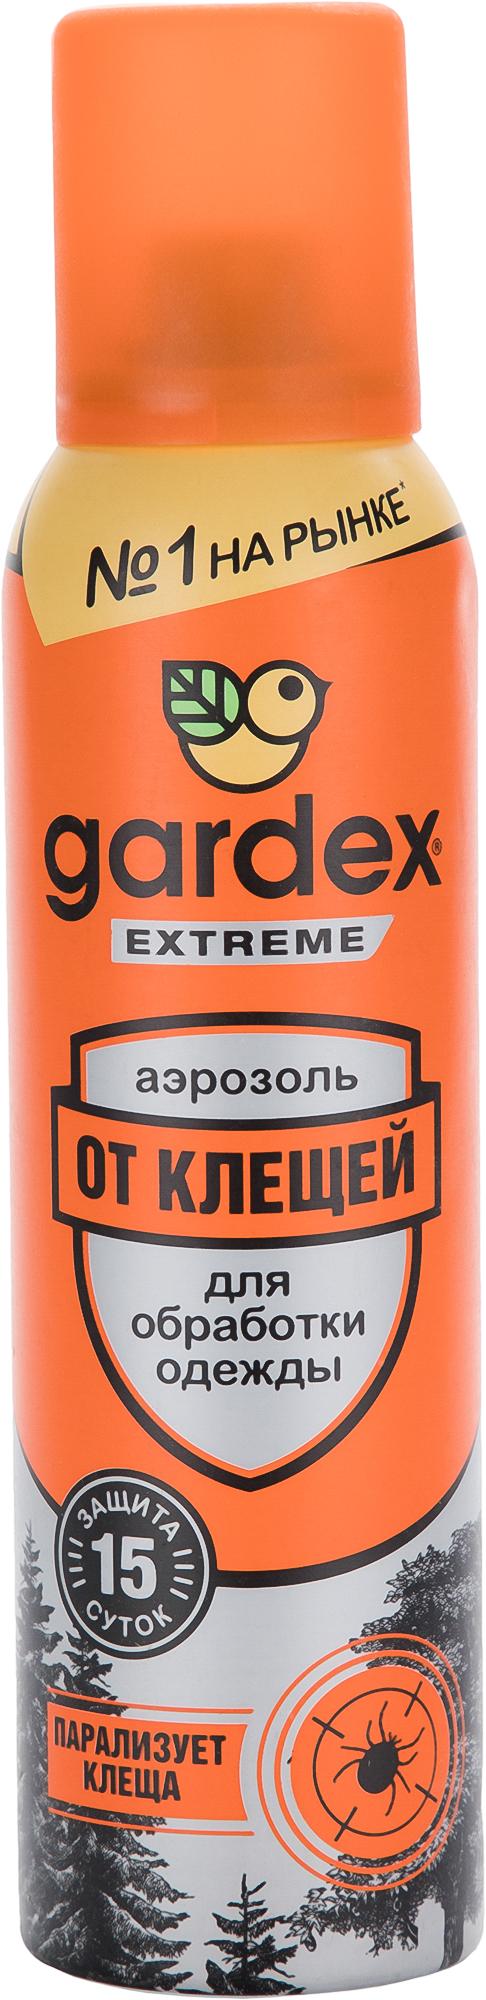 Gardex Аэрозоль от клещей Gardex Extreme, 150 мл отмывочная жидкость solins degreaser 400ml от жира и масла аэрозоль